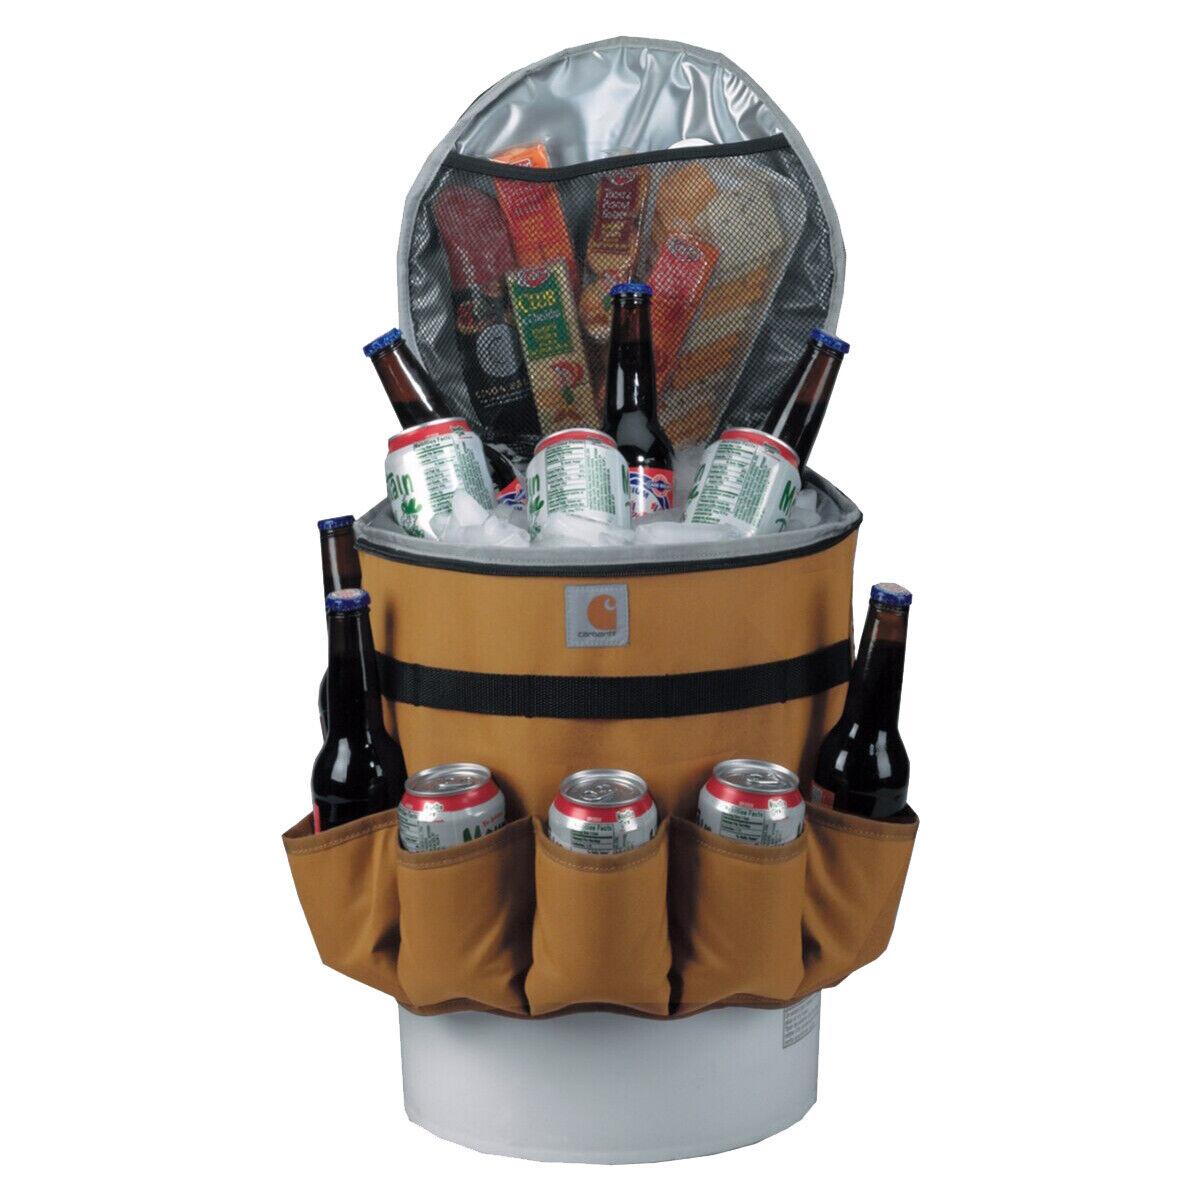 Carhartt 5 Gallon Carhartt Brown Bucket Cooler